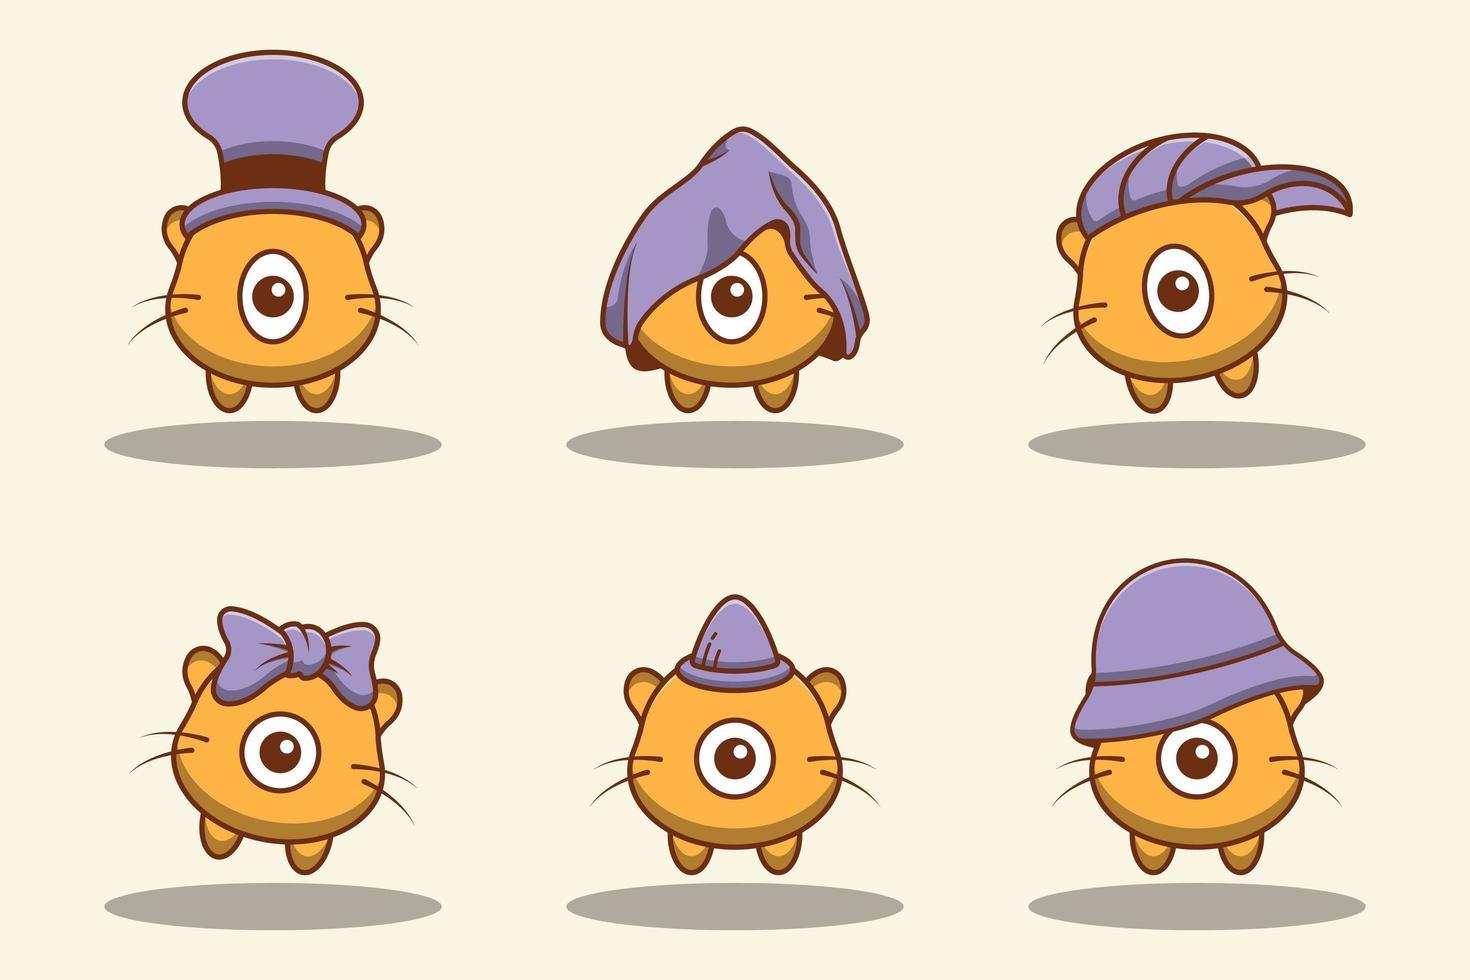 conjunto de lindos doodle monstruos gato de un ojo vector